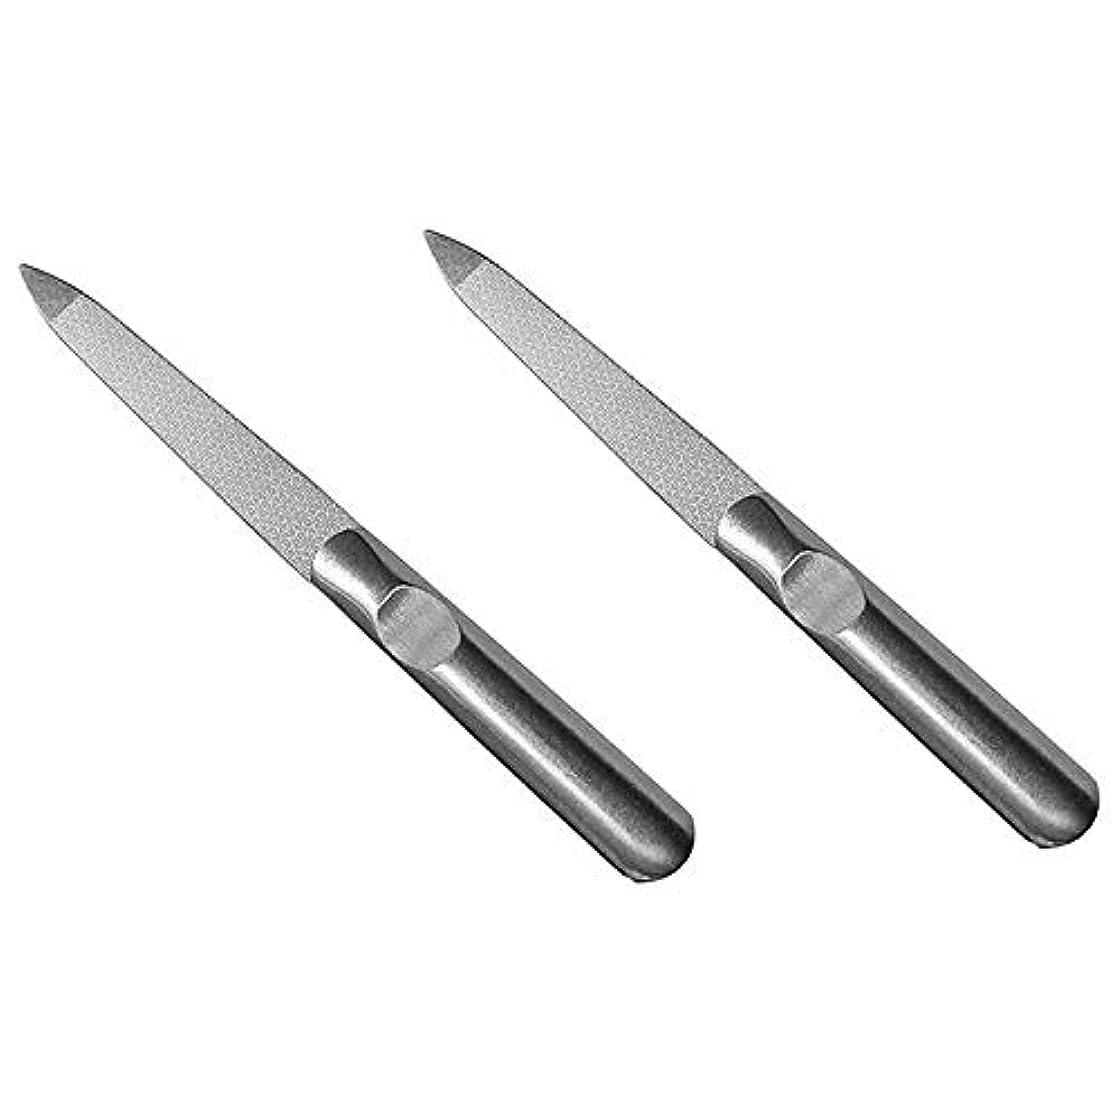 平和多年生発掘するSemoic 2個 ステンレススチール ネイルファイル 両面マット アーマー美容ツール Yangjiang爪 腐食の防止鎧